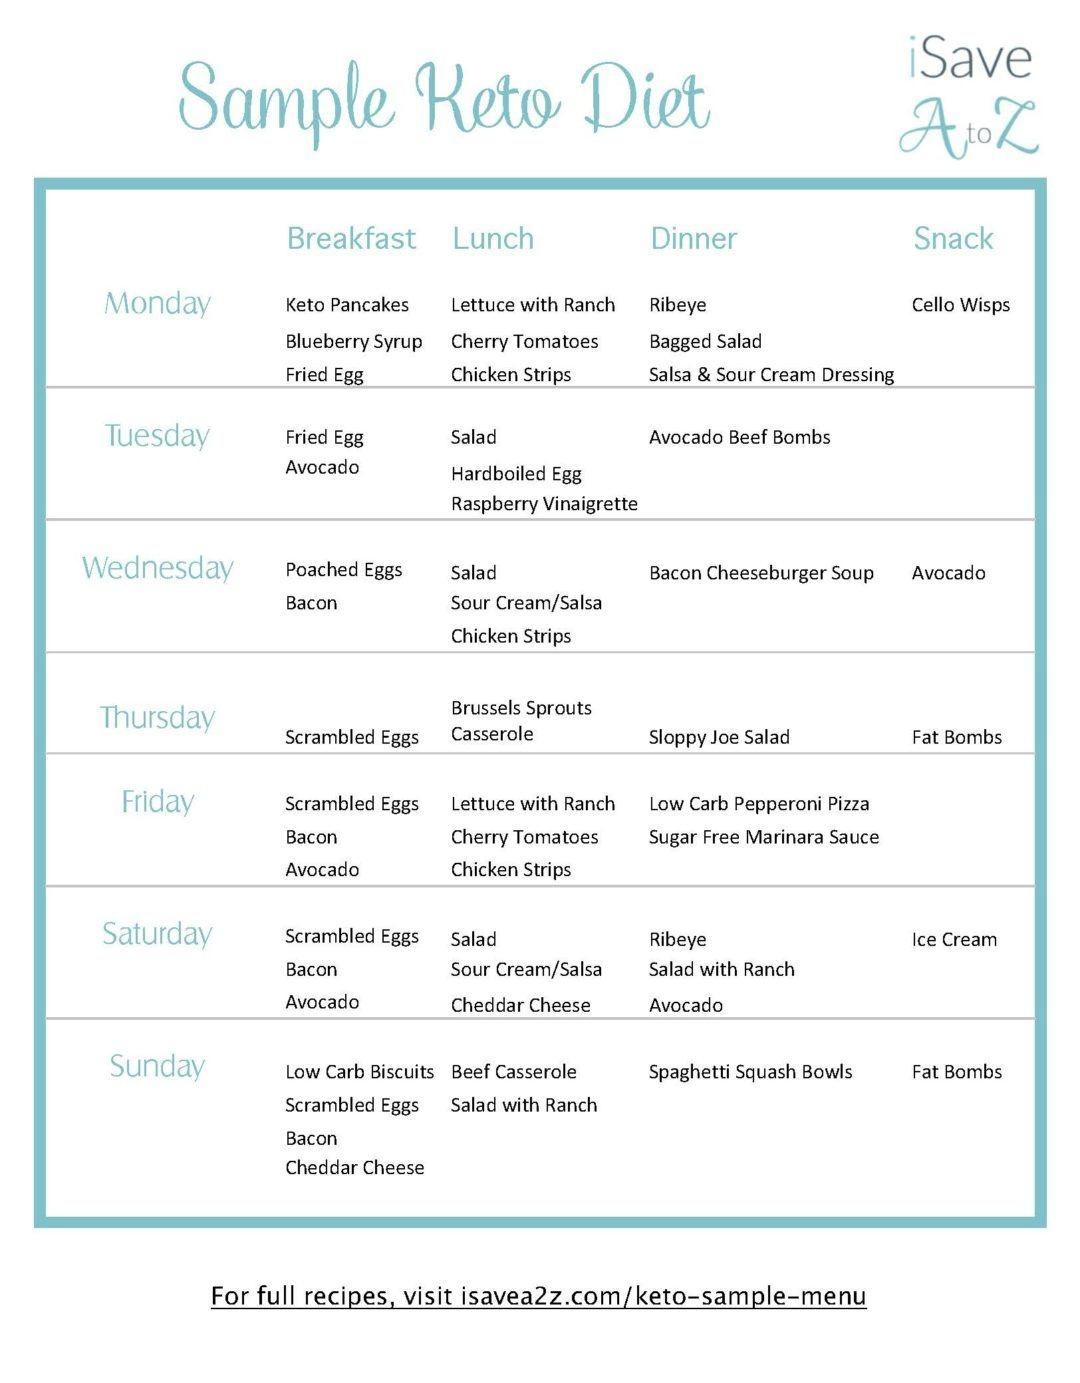 Grab This Printable 7 Day Keto Sample Menu Plan | Keto | Ketogenic - Free Printable Low Carb Diet Plans